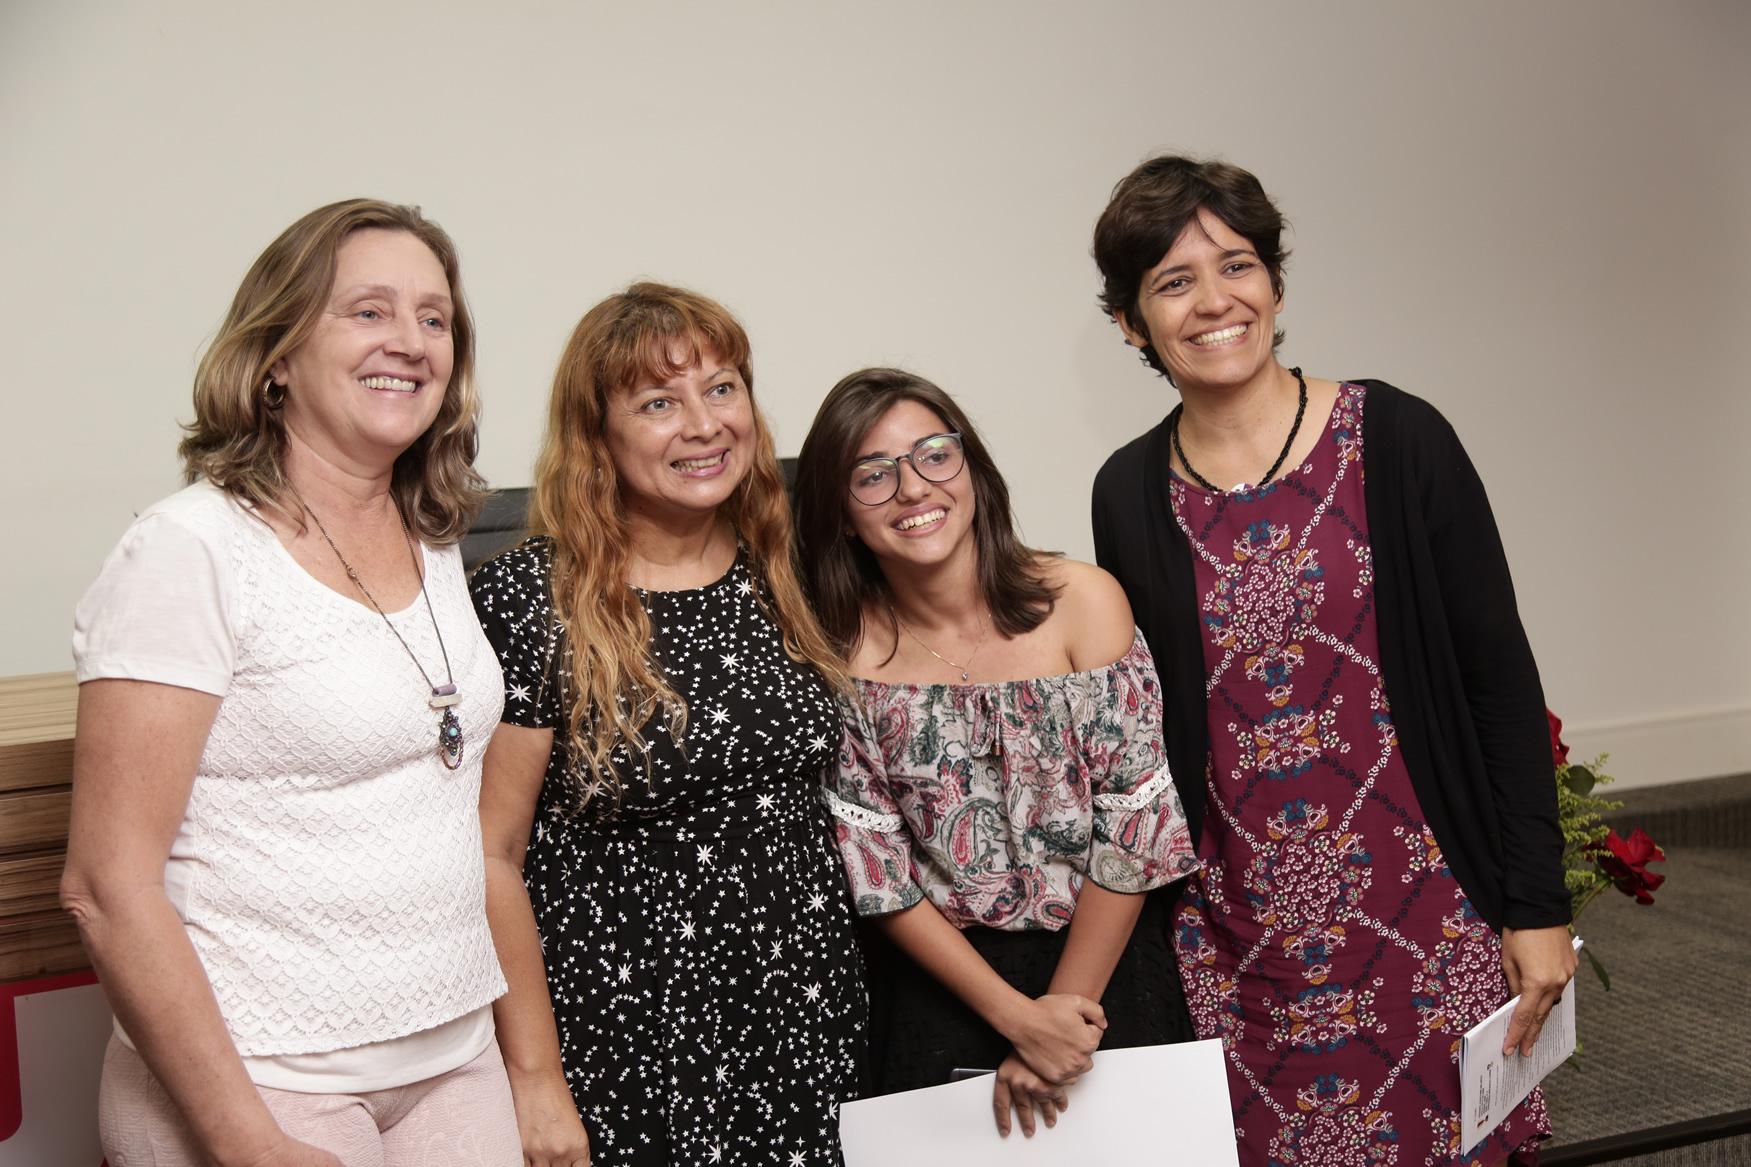 2019.05.19-Premiacao-do-X-Concurso-de-Redacao-do-Sinpro-DF_fotos-ECOM-13